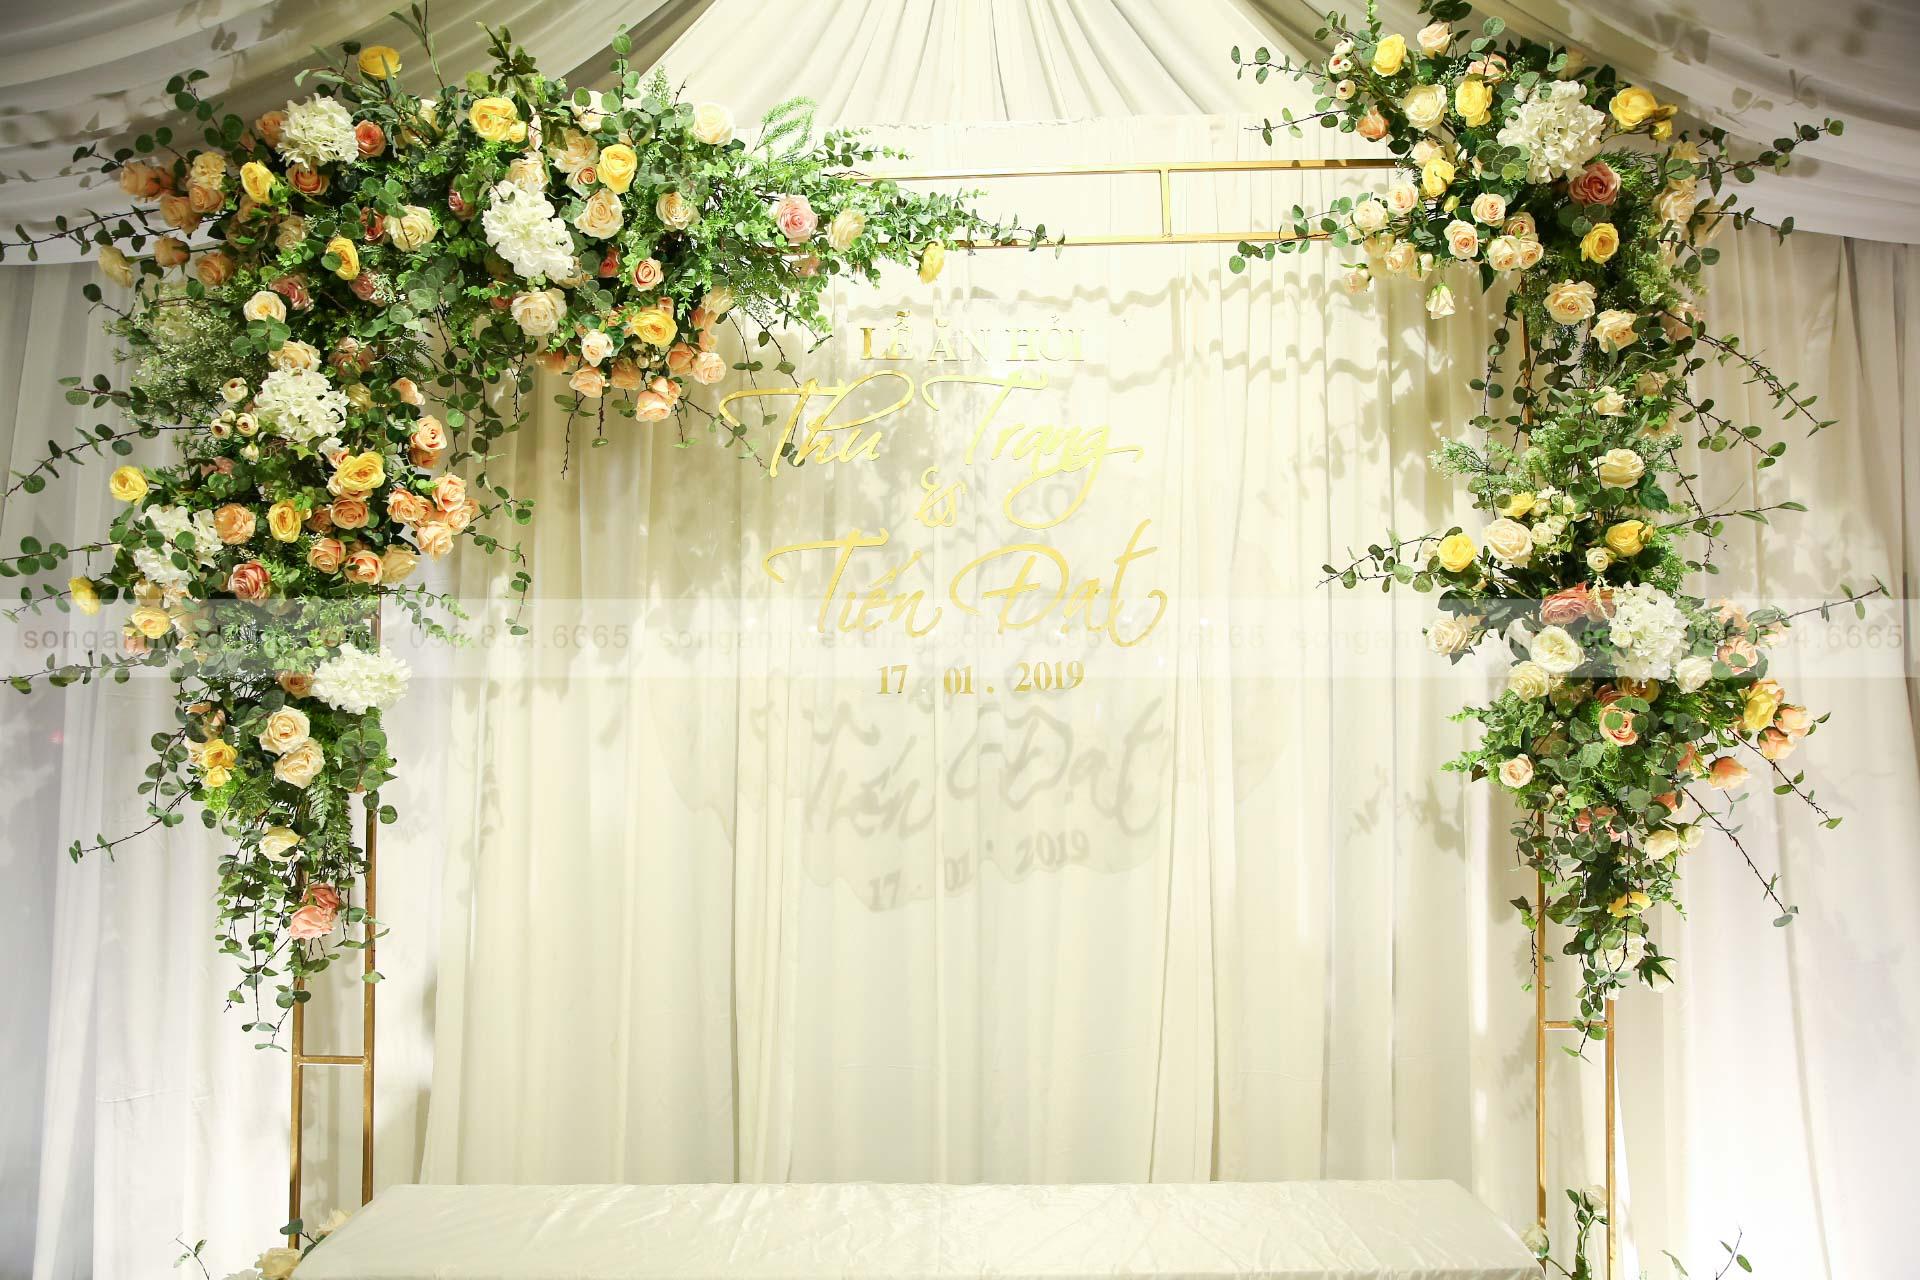 Hoa lụa trong trang trí tiệc cưới